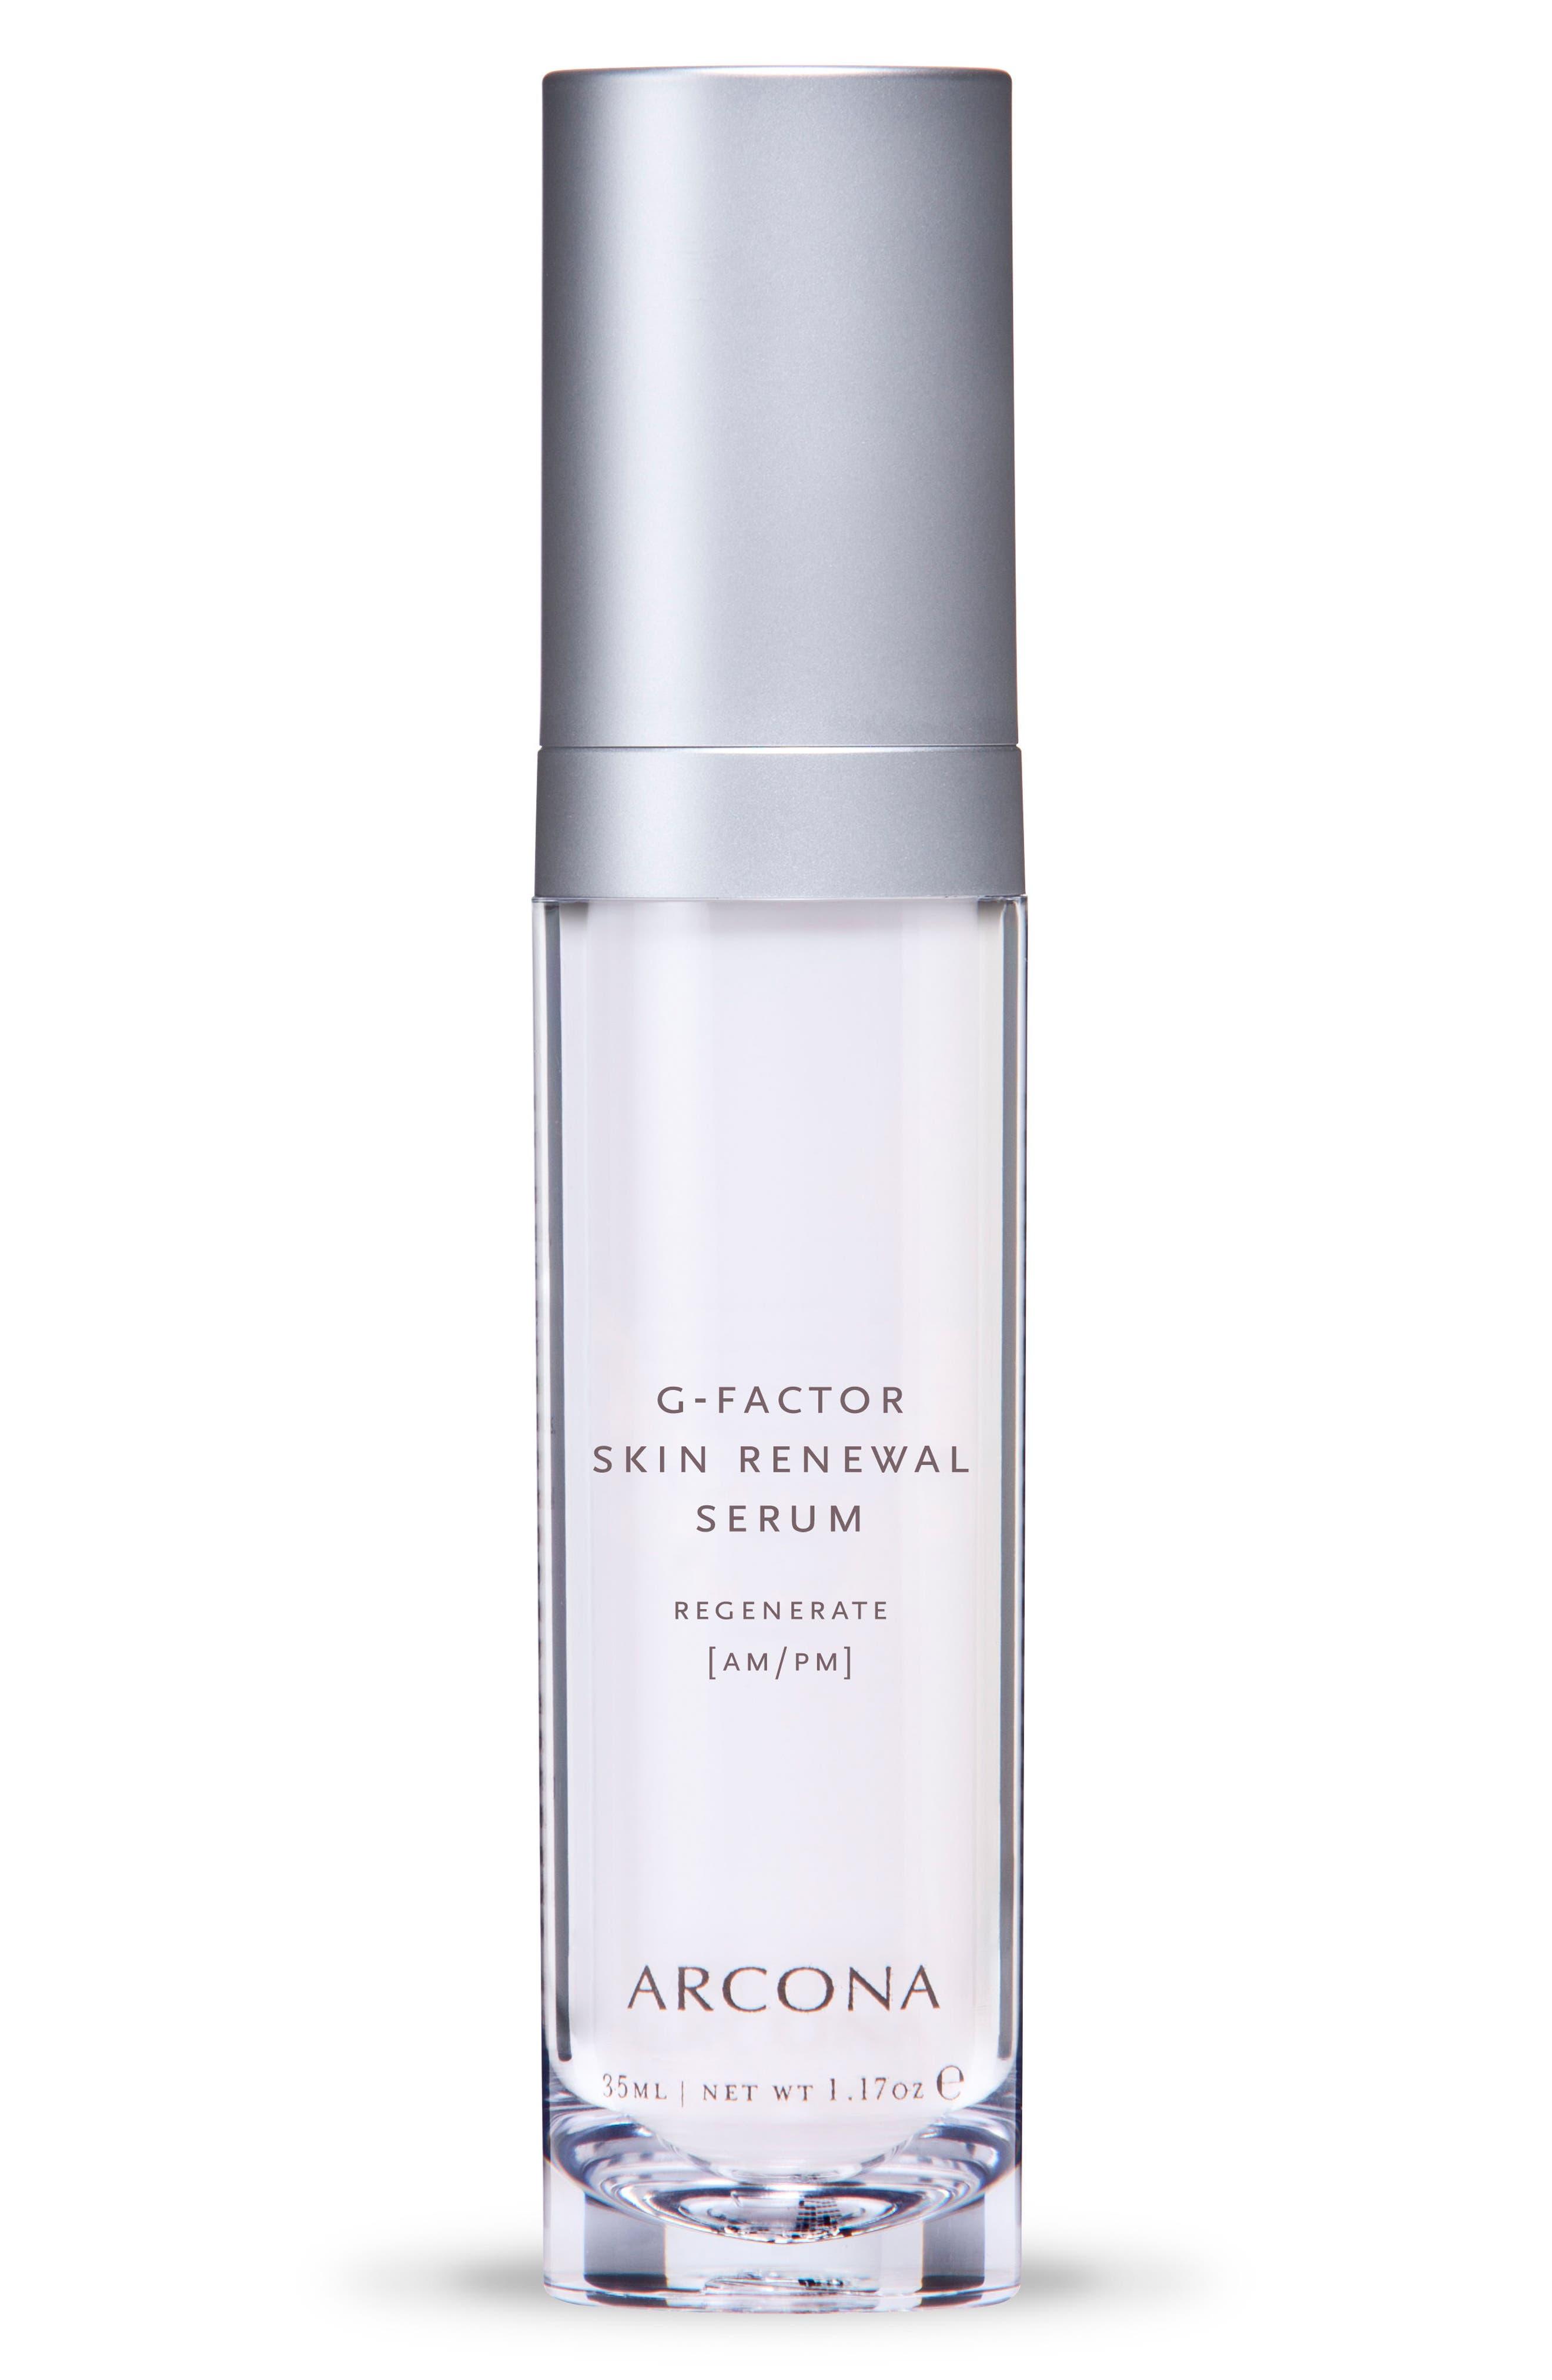 ARCONA G-Factor Skin Renewal Serum